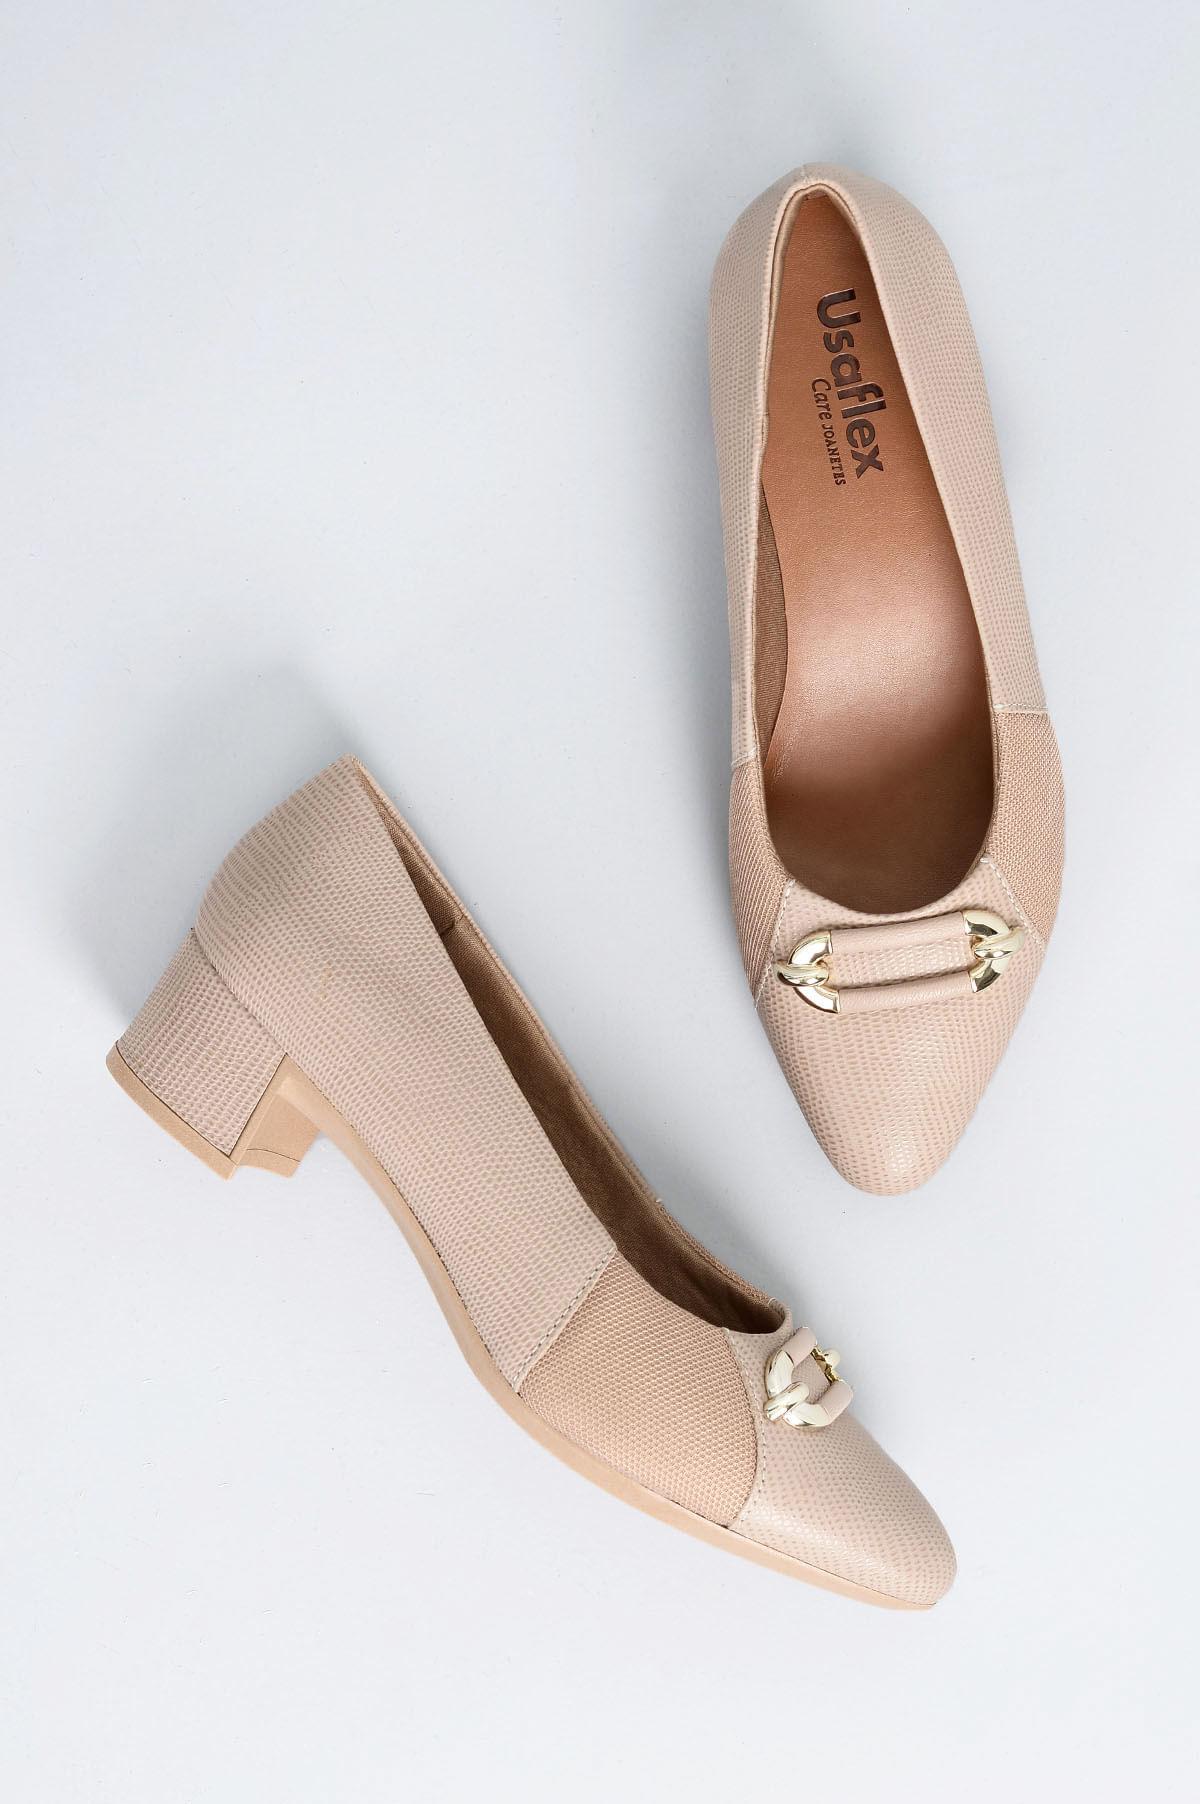 6fb797e1a Sapato Feminino Salto Baixo Pagie Usaflex CR - BEGE - Mundial Calçados